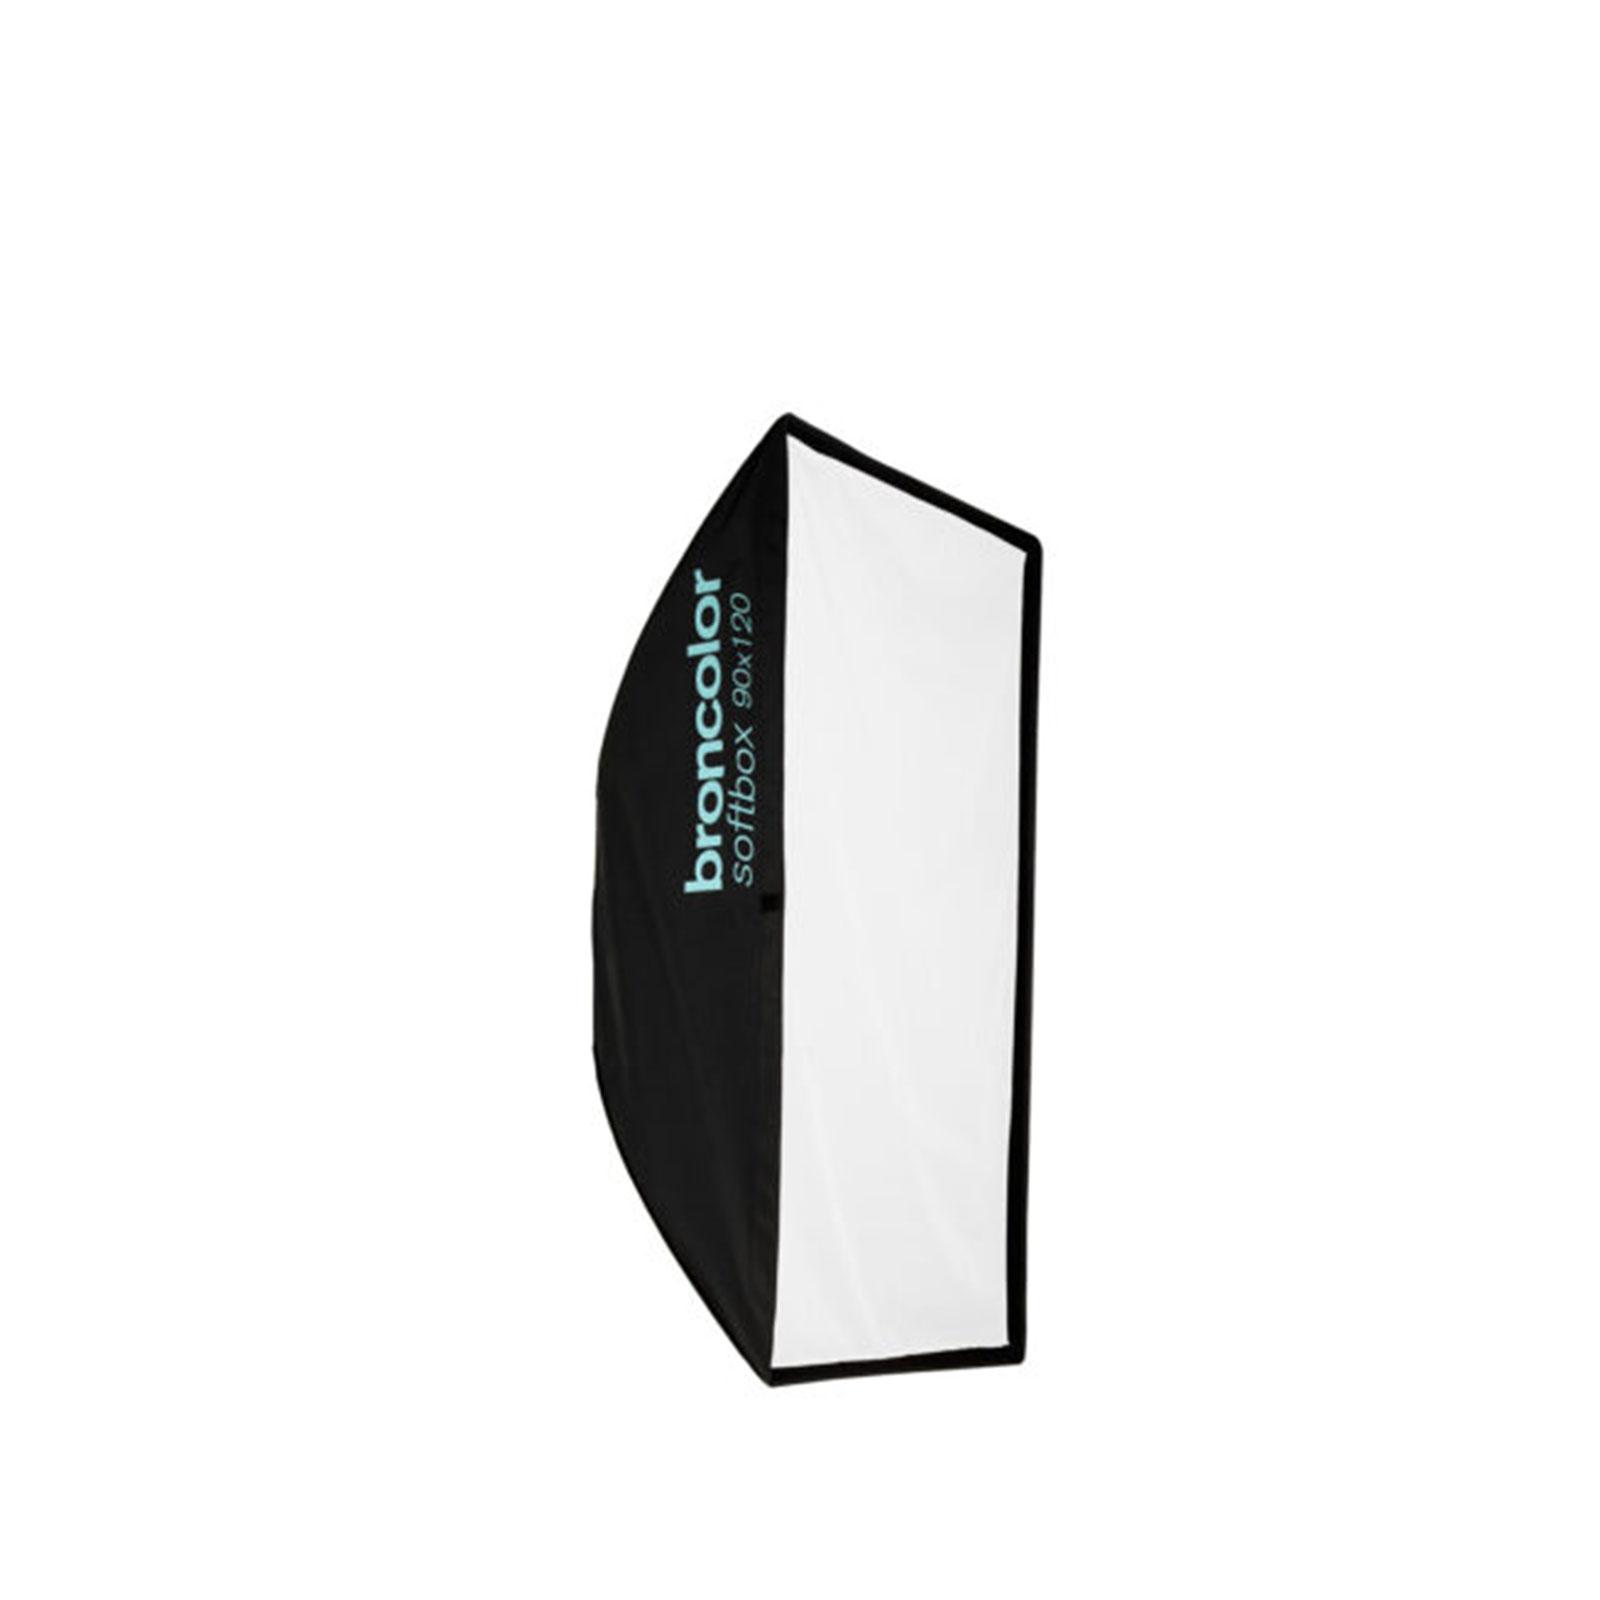 Noleggio Broncolor box 90x120